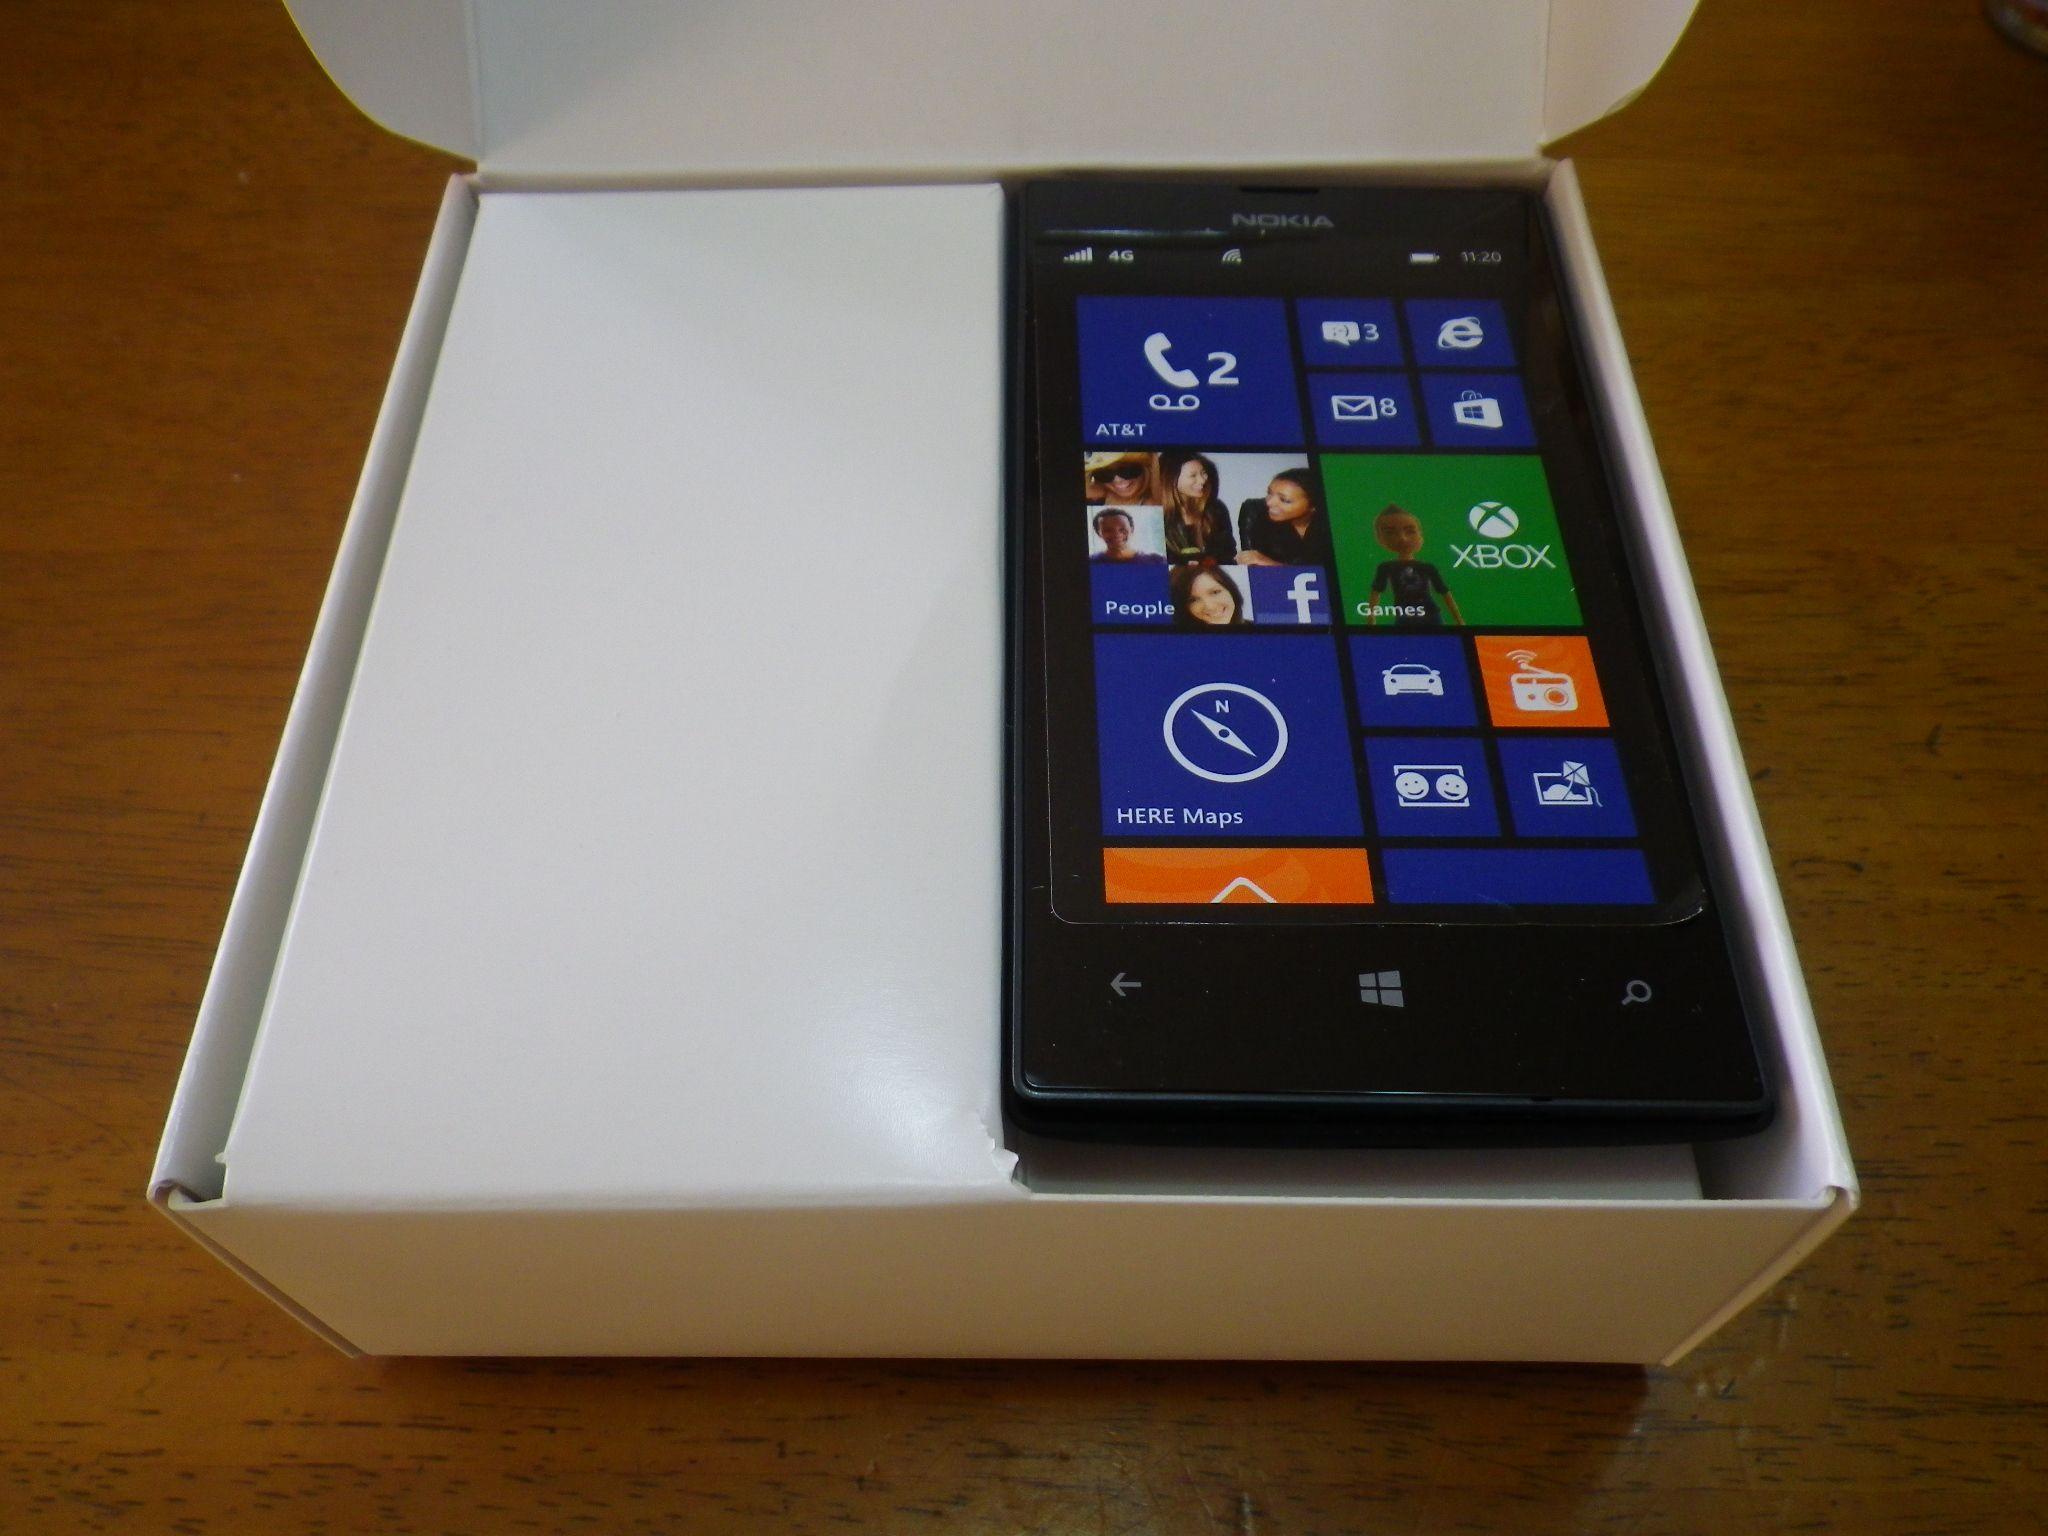 ノキア Lumia 520:開封の義!【格安Windows Phoneの各部をチェック】